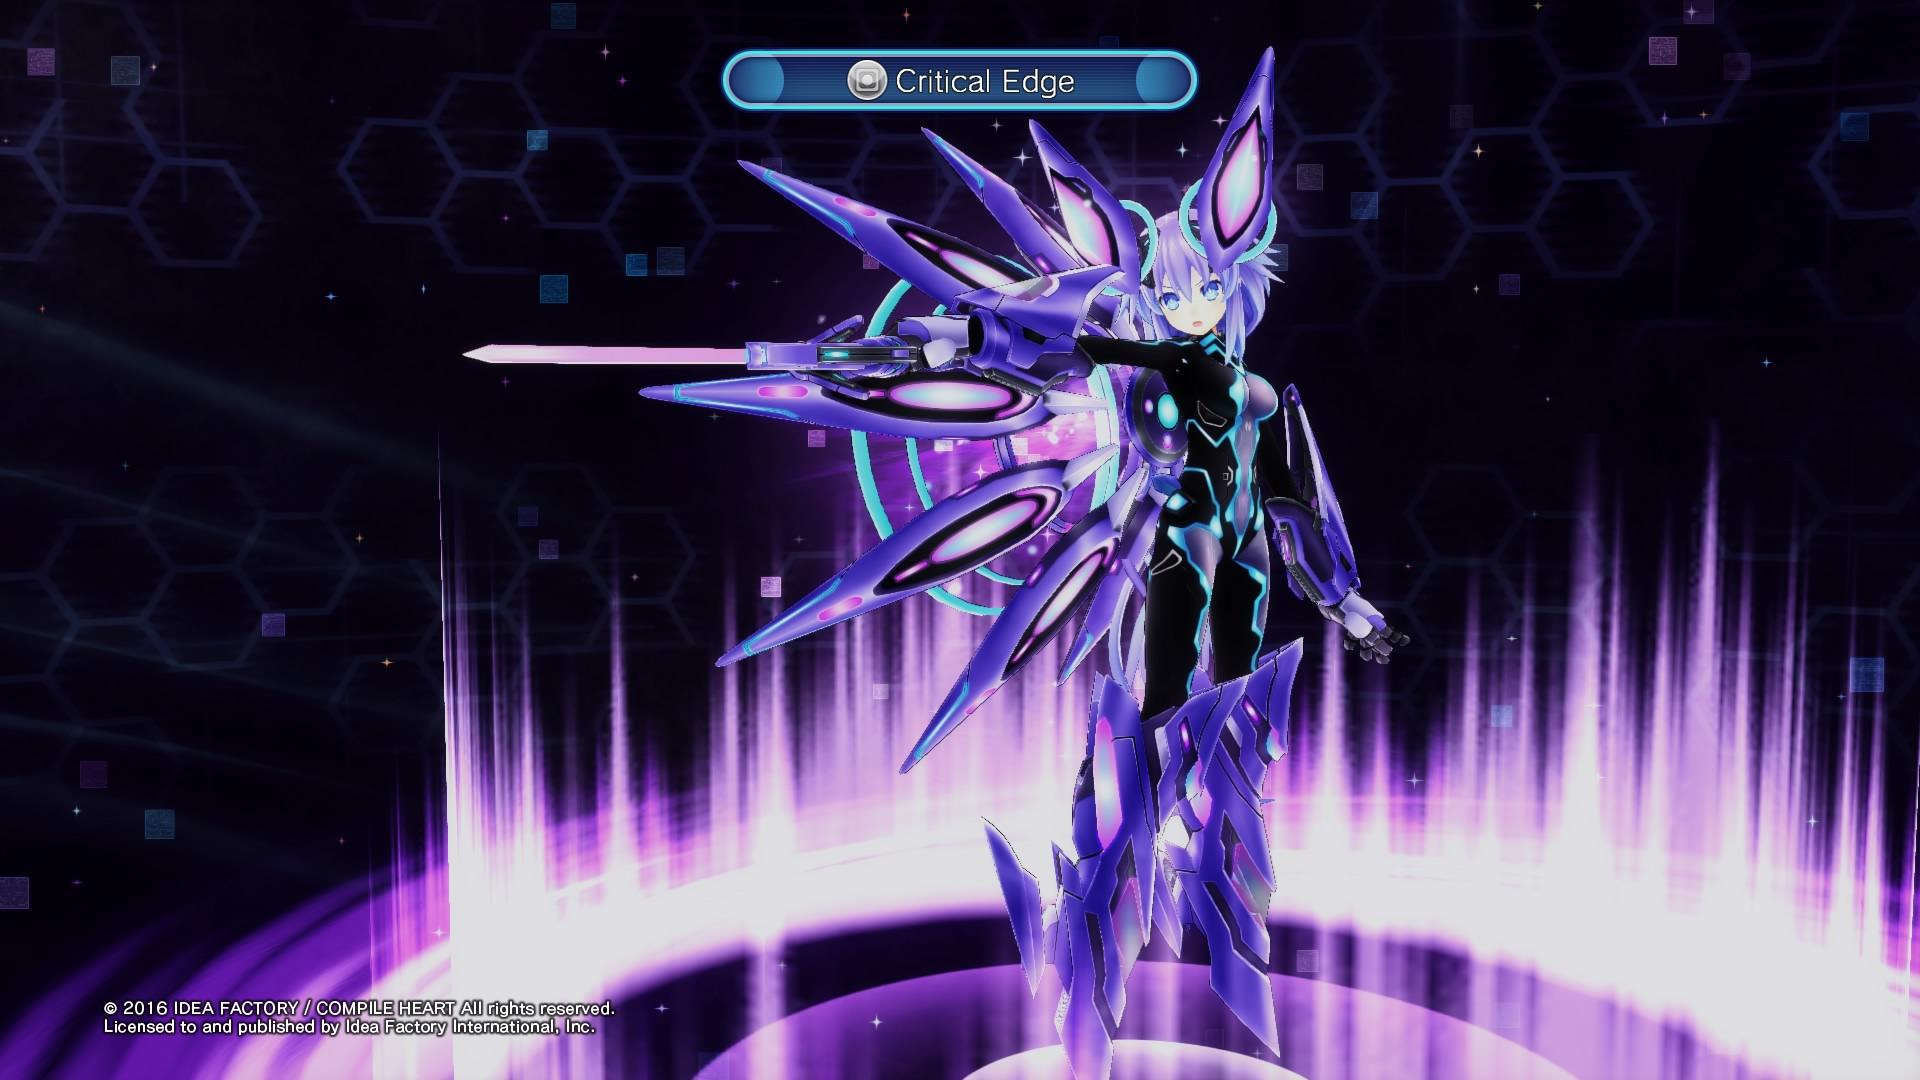 NEXT transformace z Megadimension Neptunie VII na nových obrázcích 117972